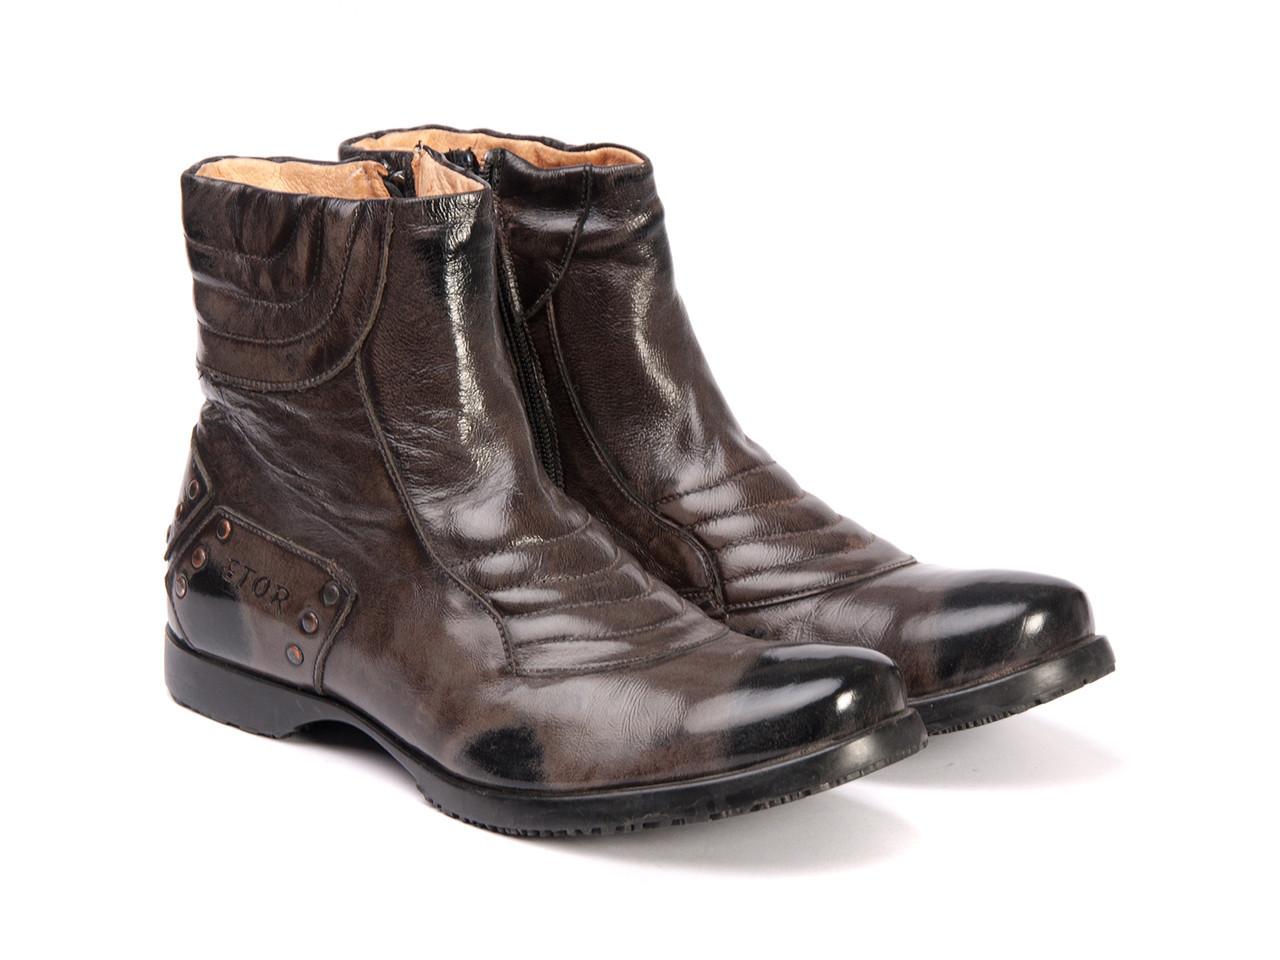 Сапоги  Etor 7181-494-1592 40 коричневые